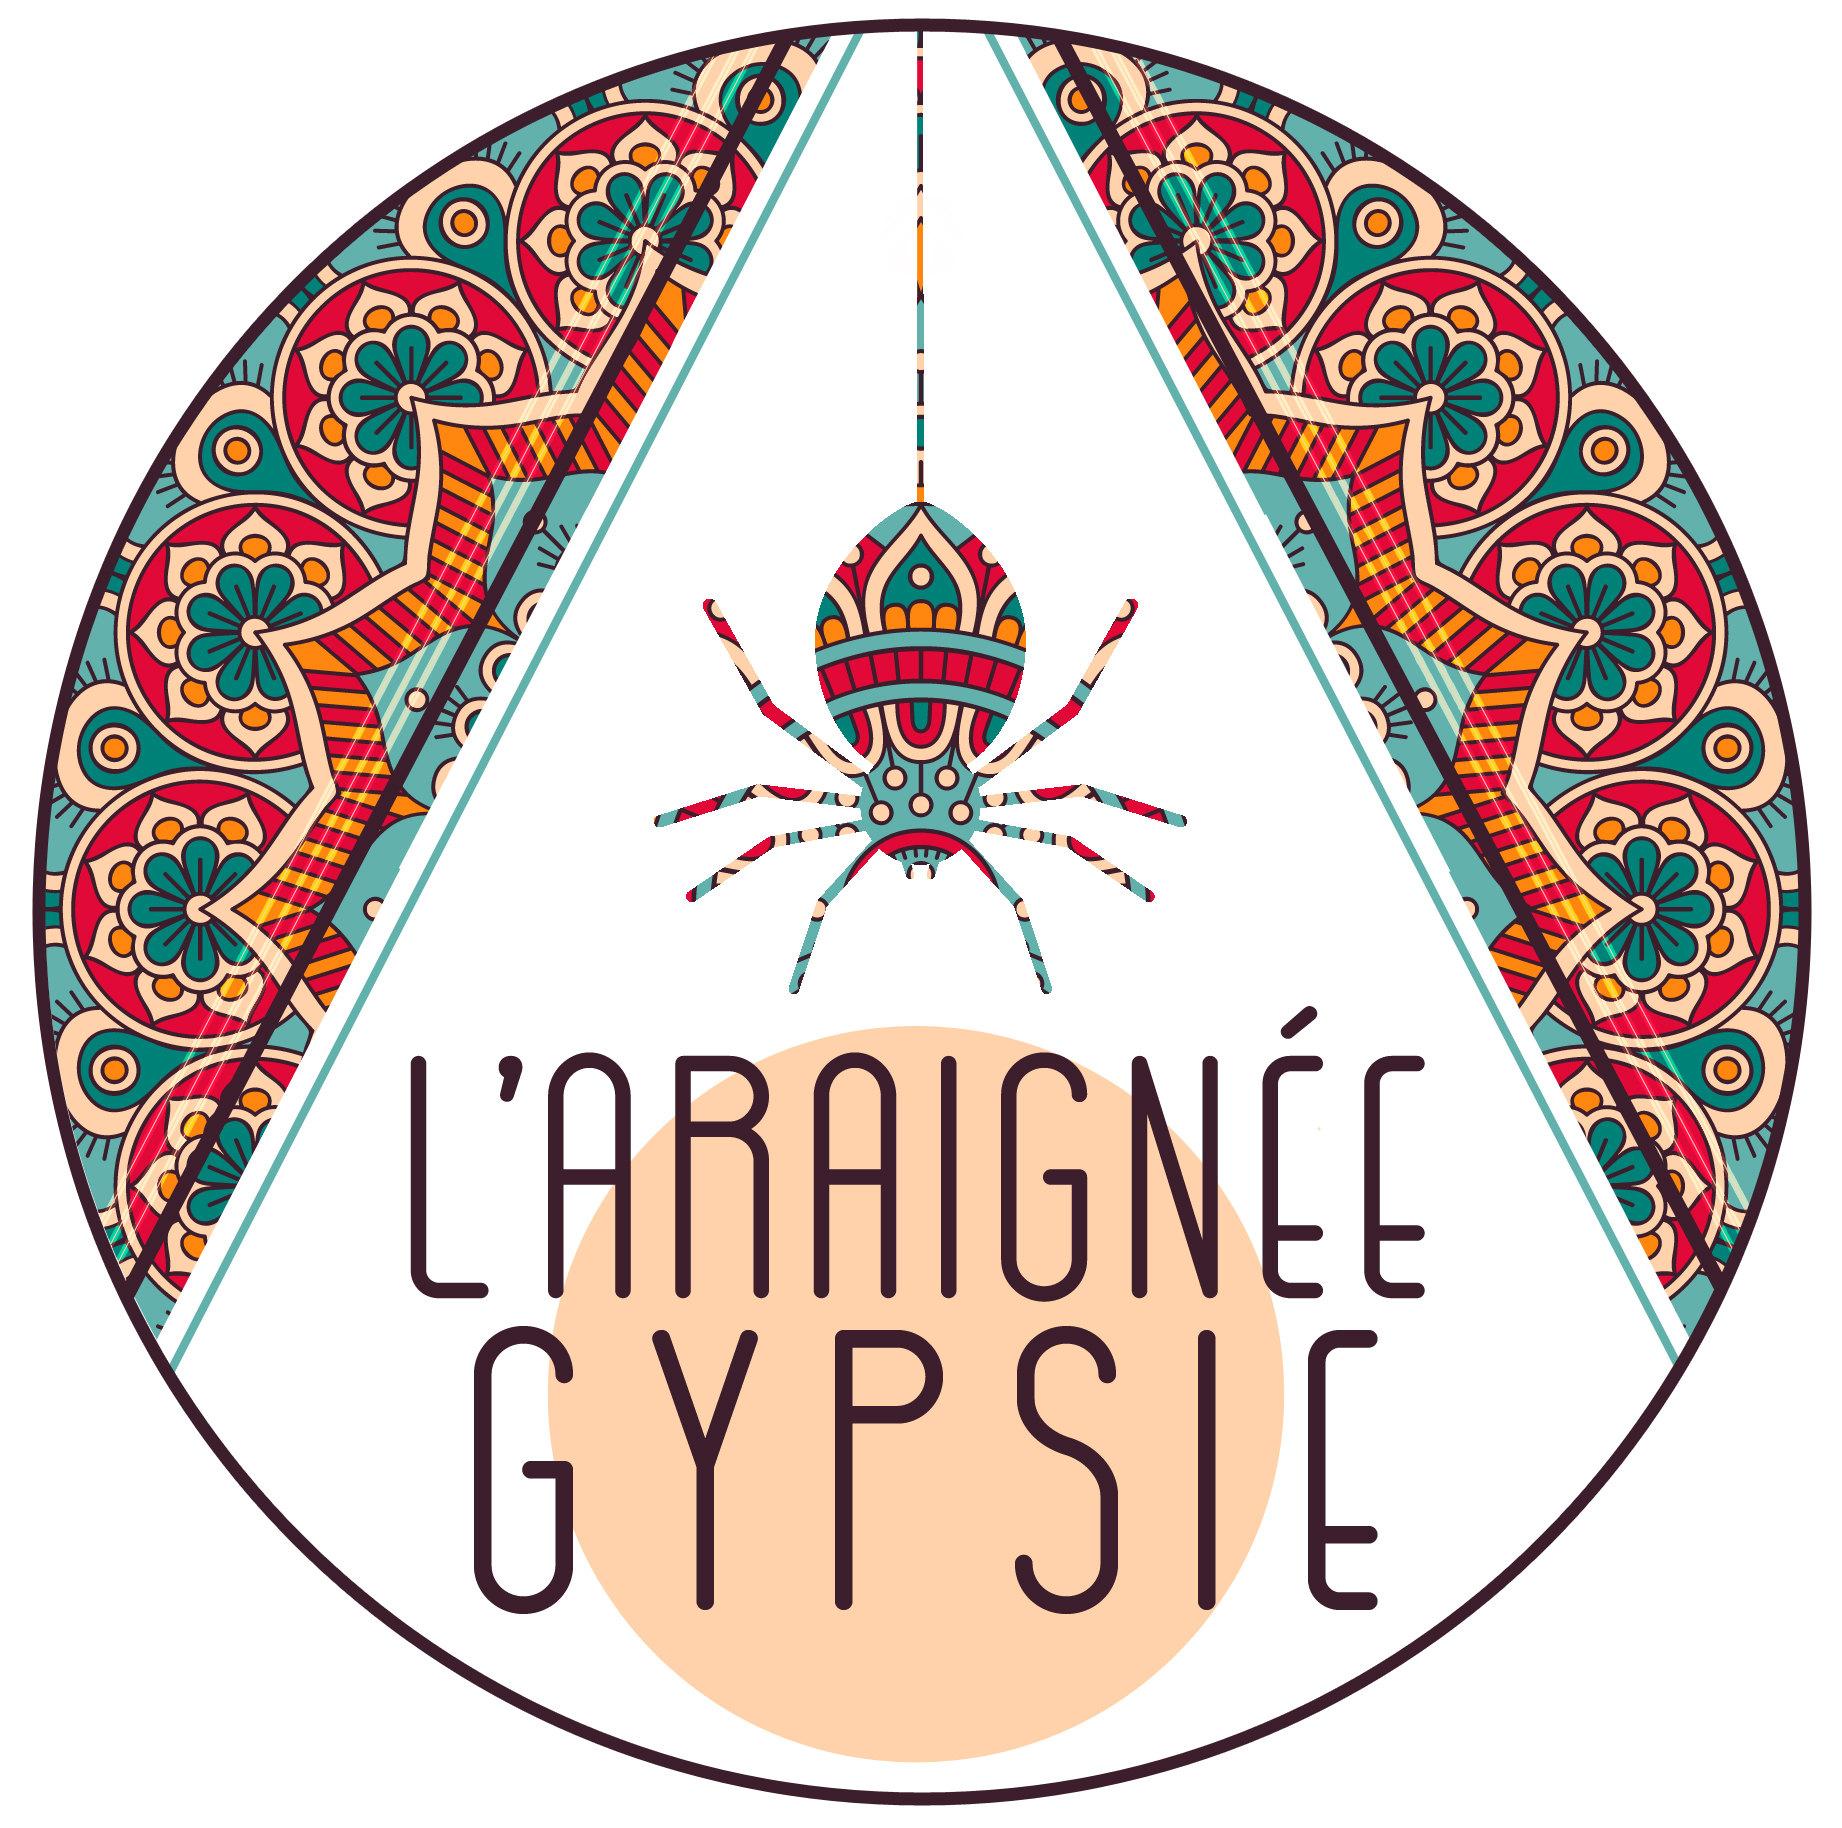 Handmade Woven Jewelry For Women And For Men Von AraigneeGypsie